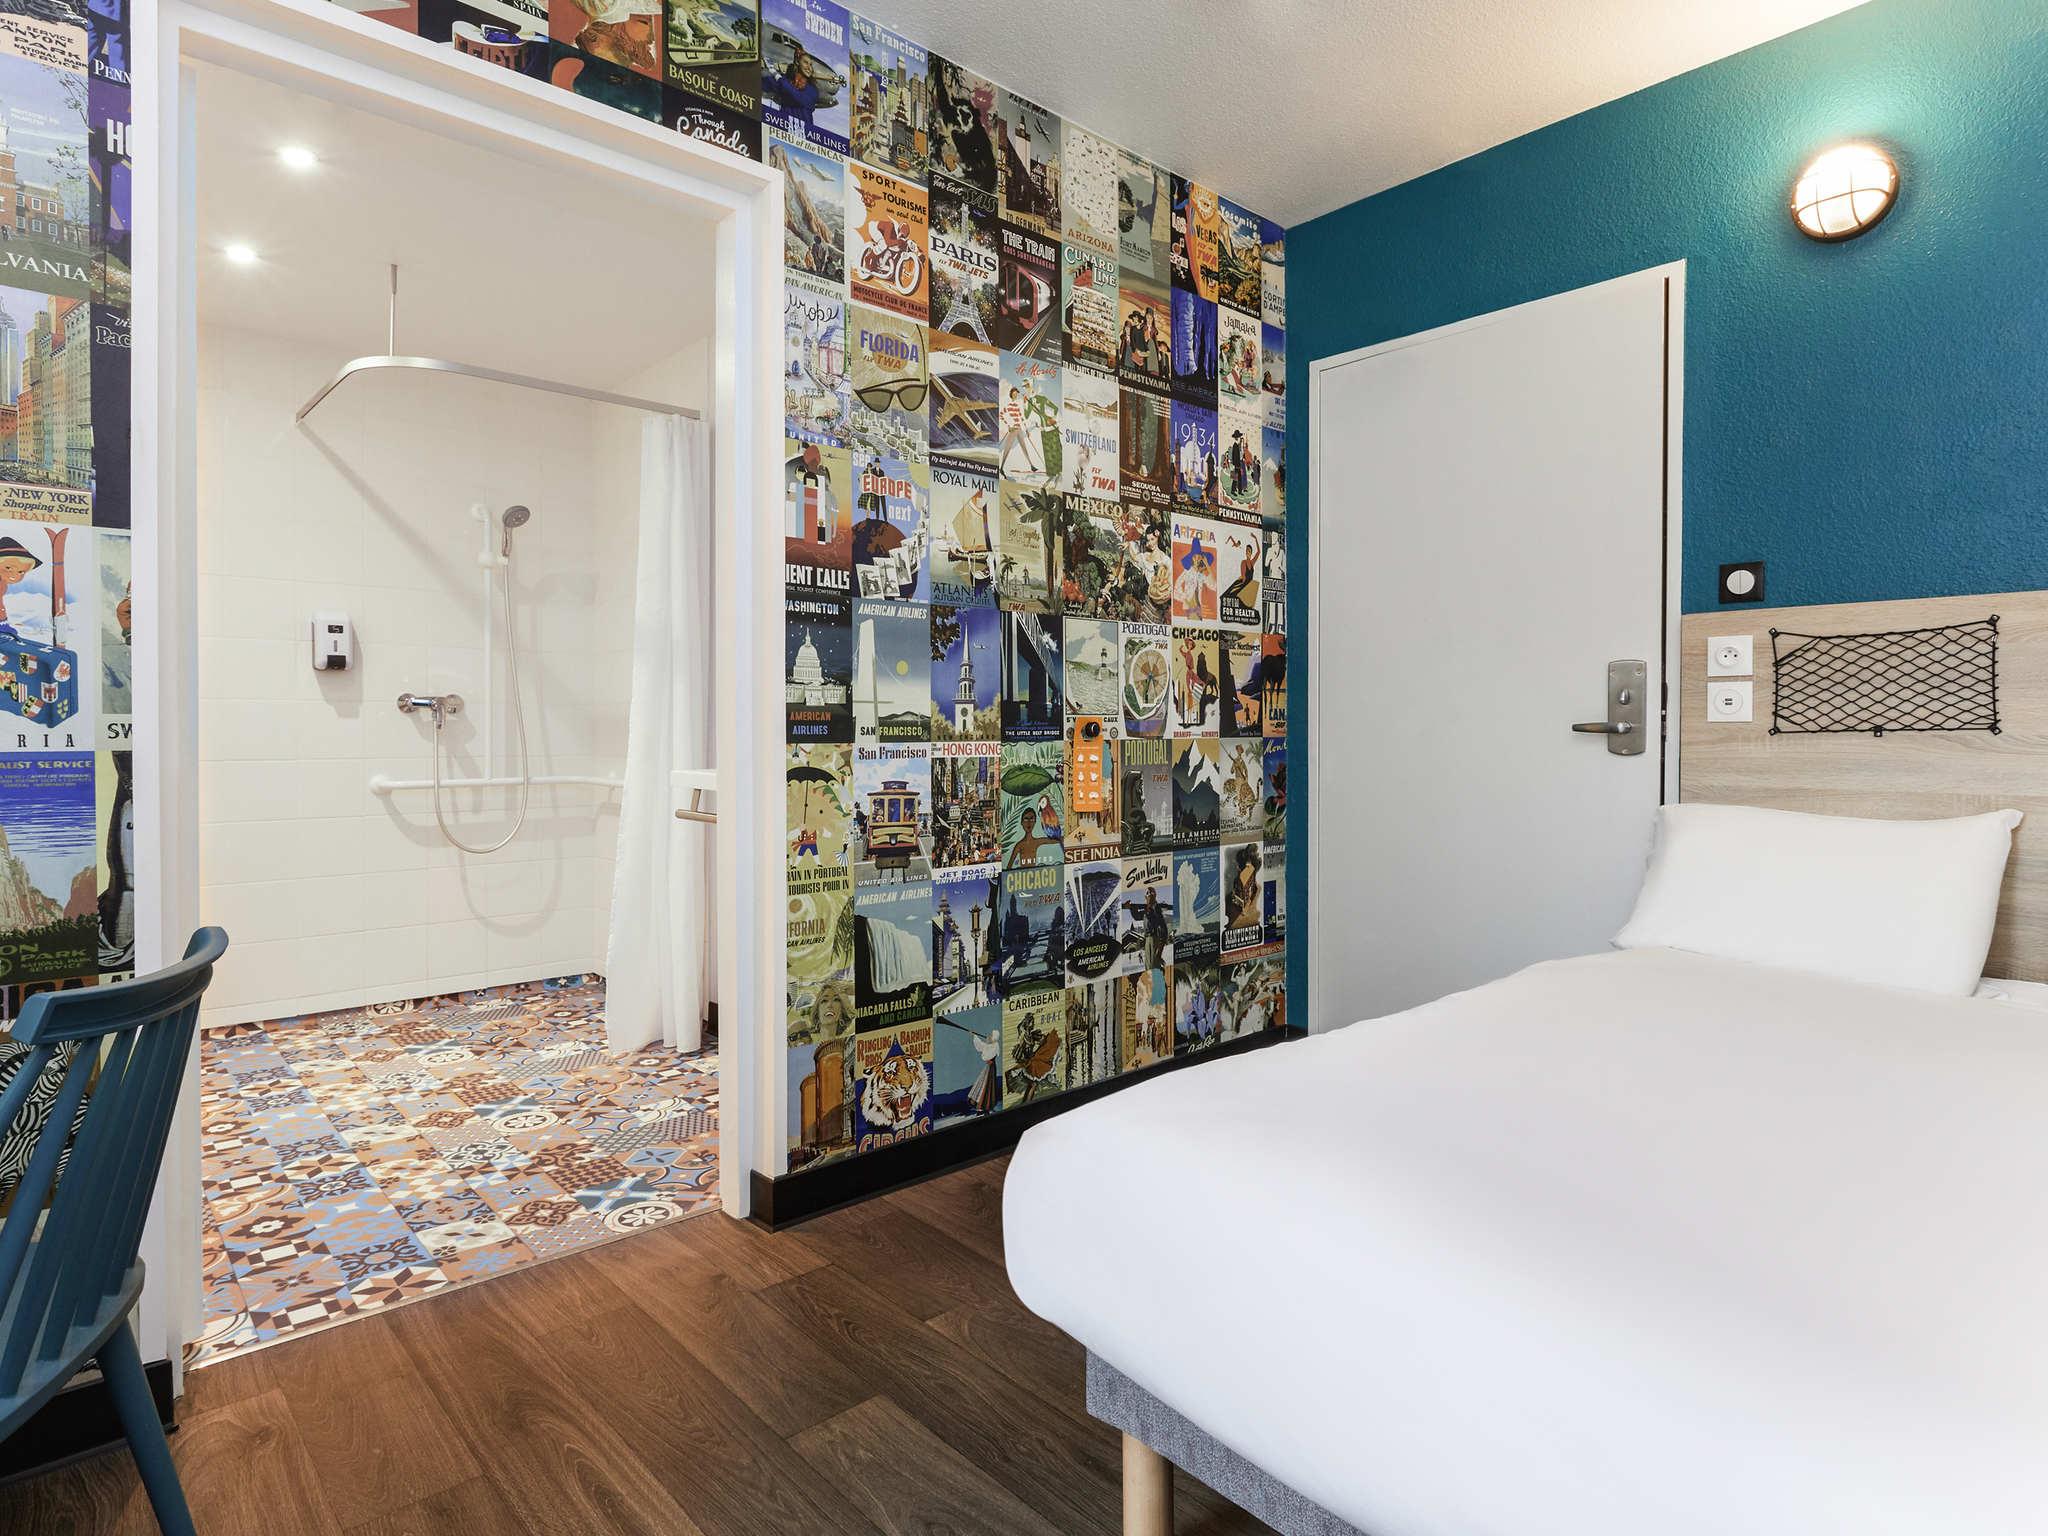 Hotel – hotelF1 Les Ulis Courtaboeuf